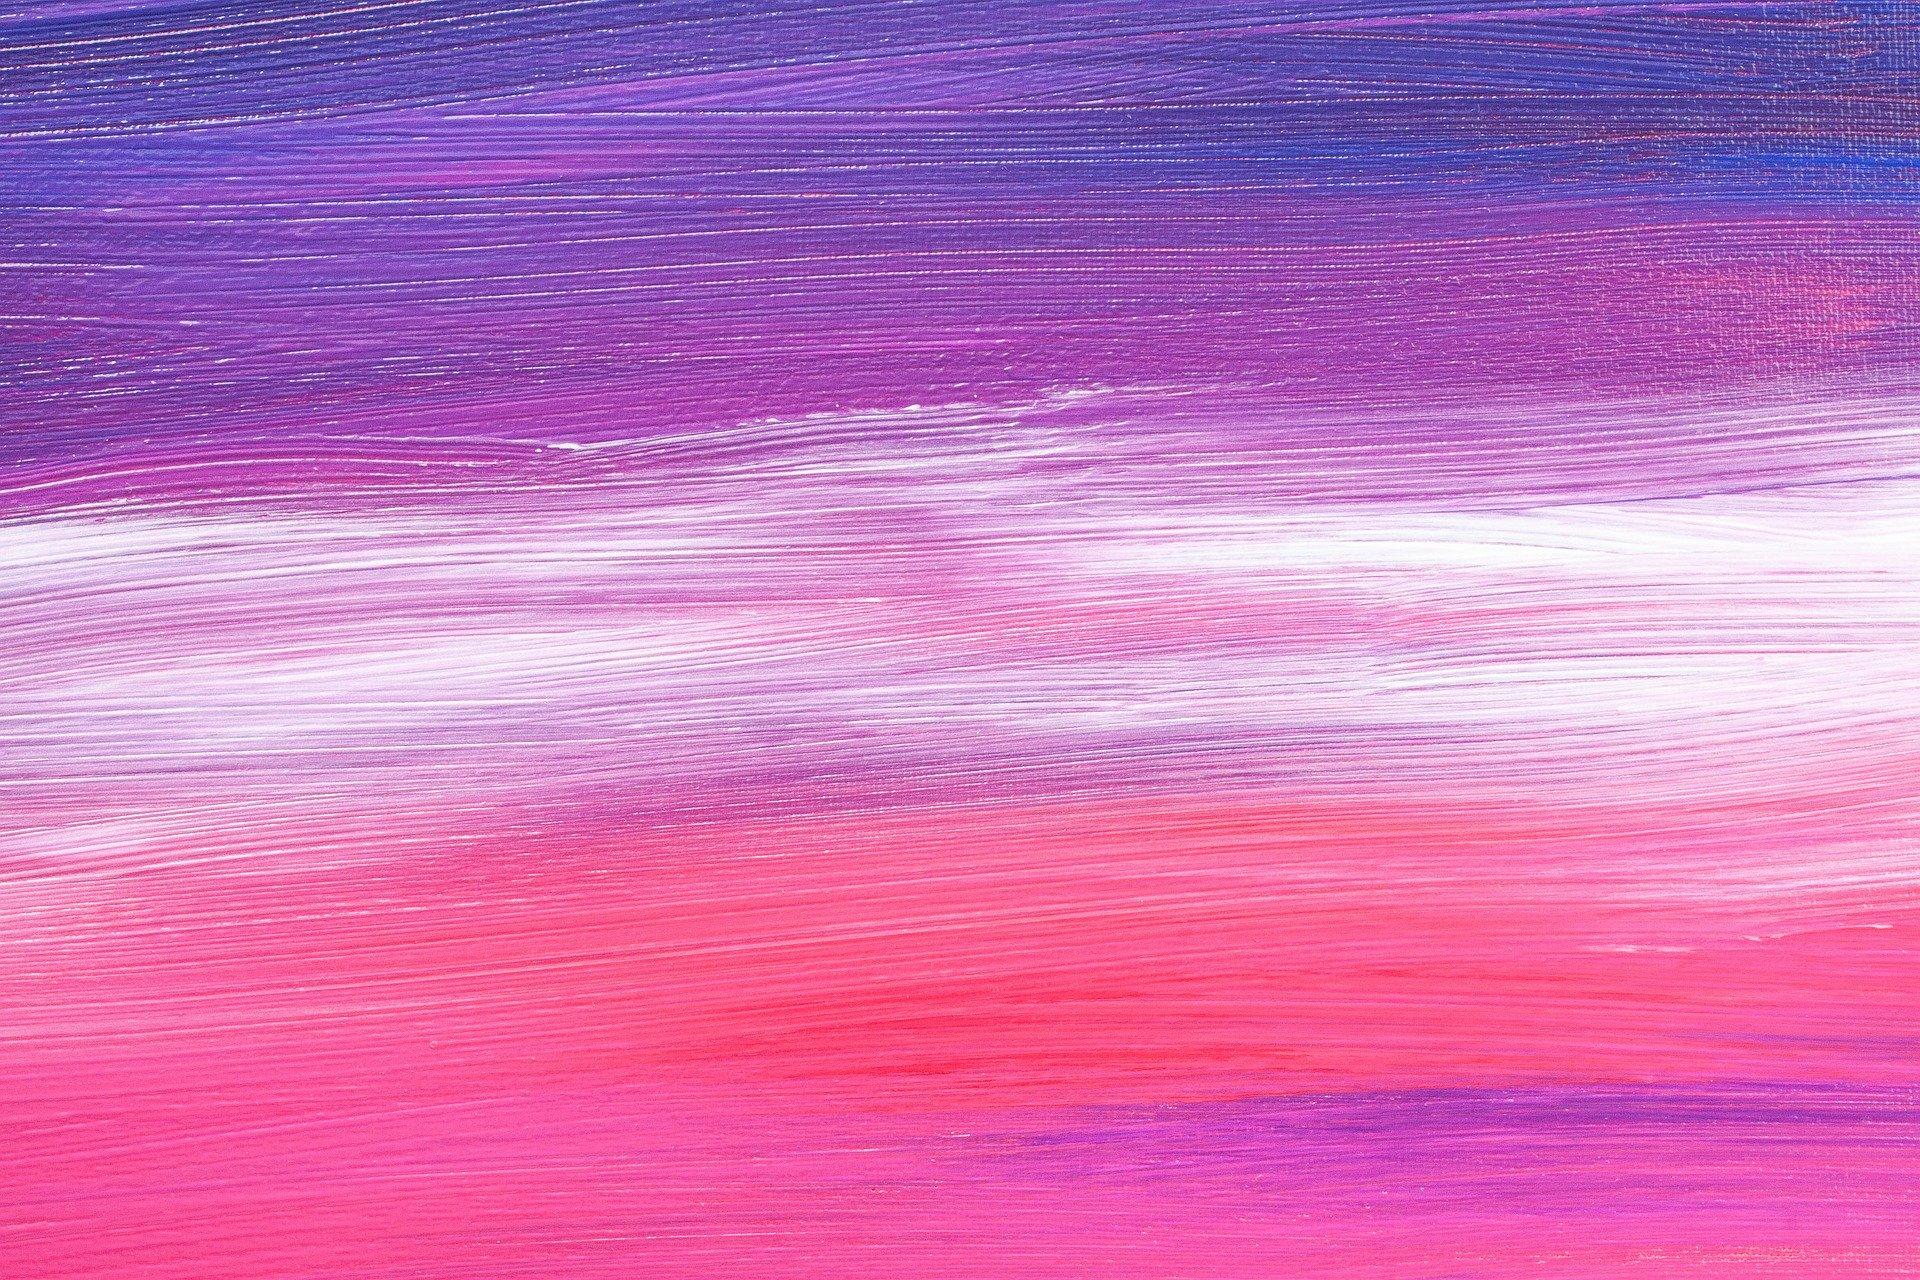 油絵に使うキャンバスの作り方をわかりやすく解説します。